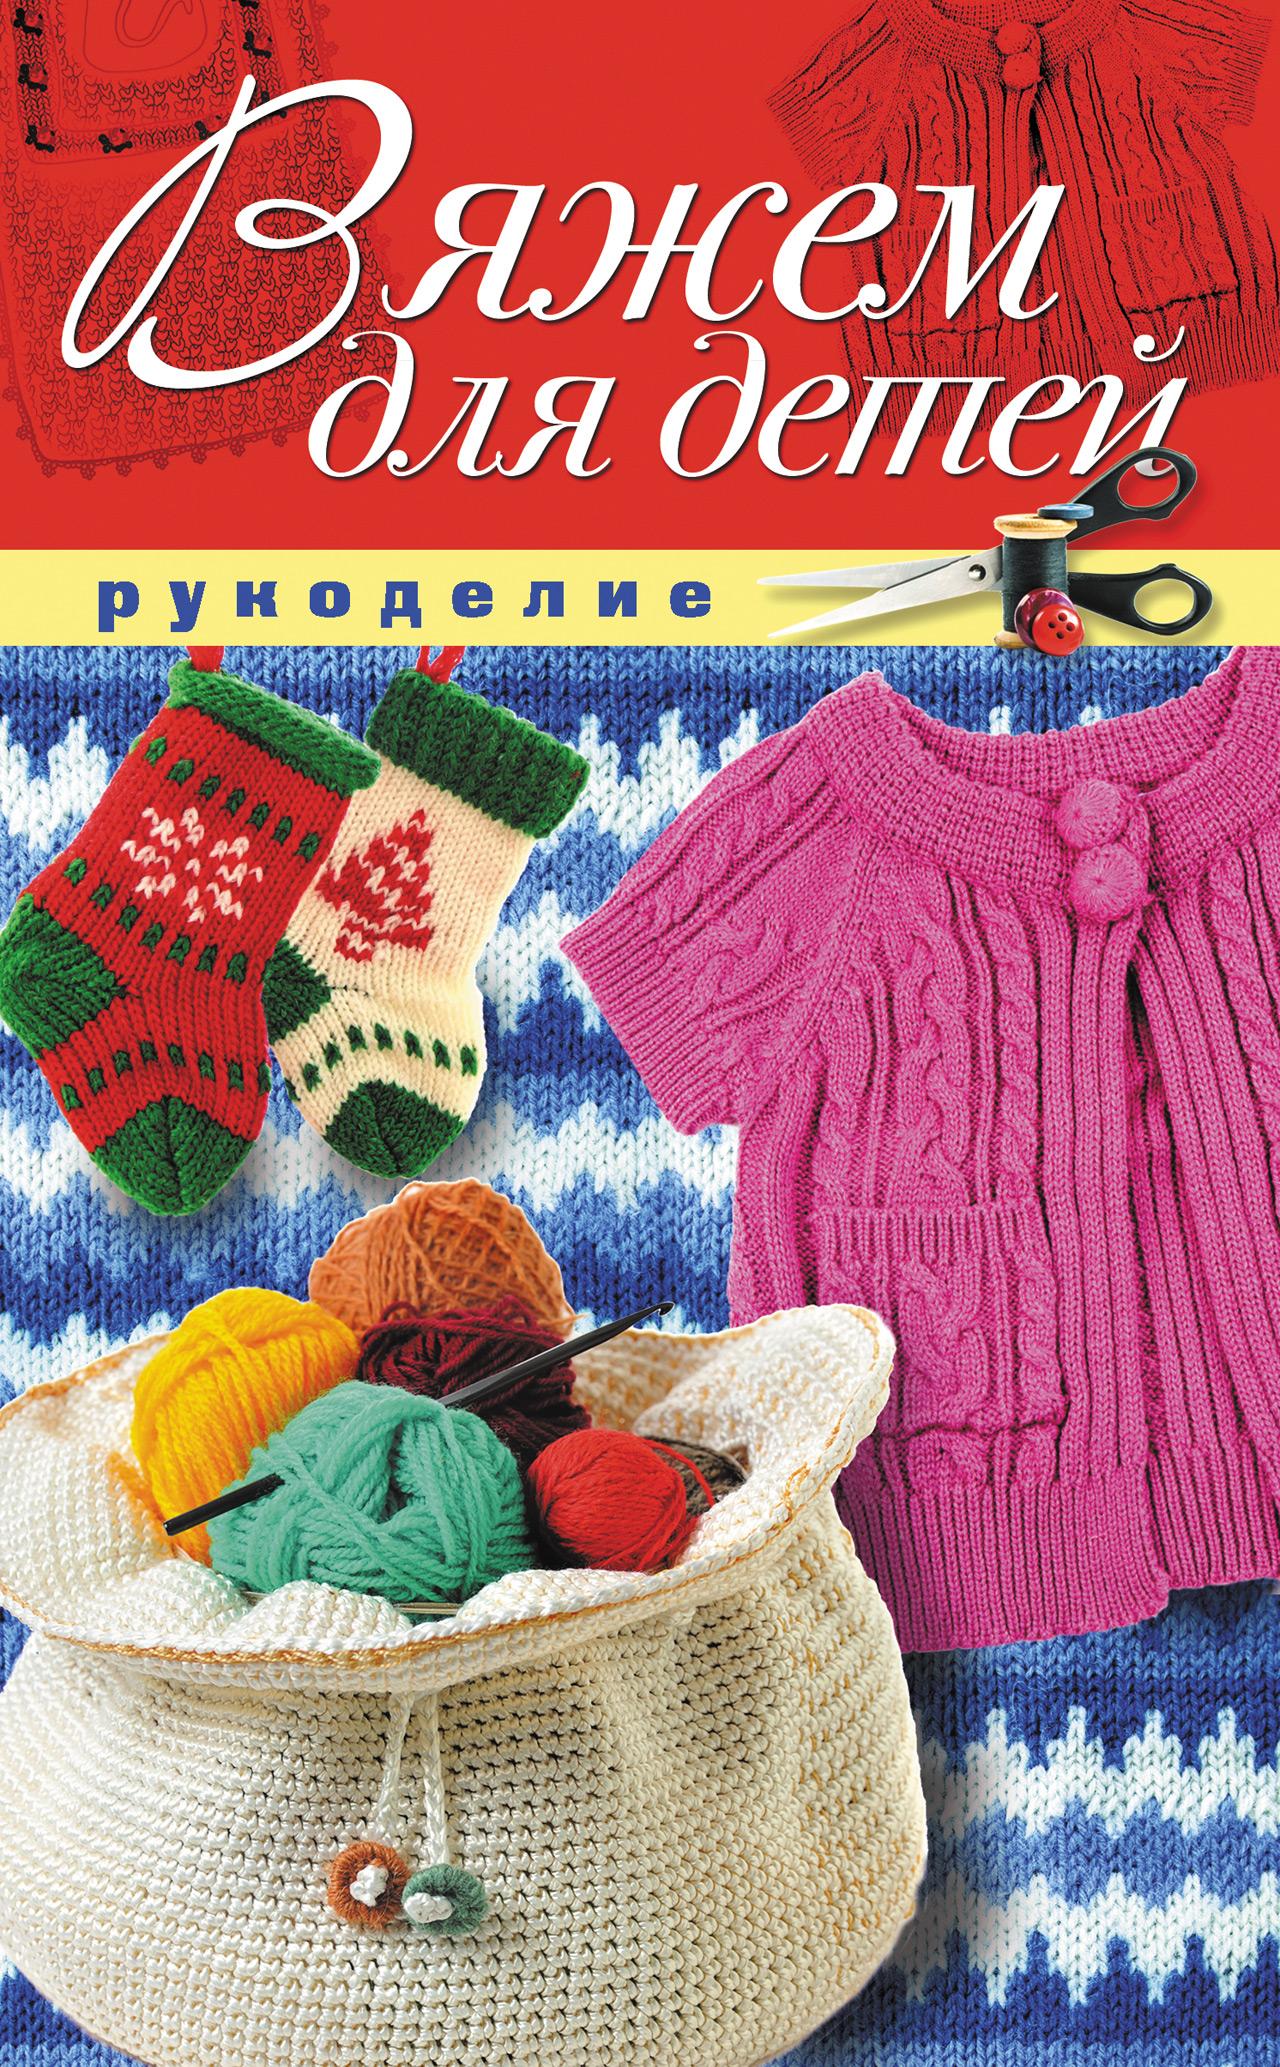 Светлана Михайловна Жук Вяжем для детей абель с комплекты для малышей вяжем спицами